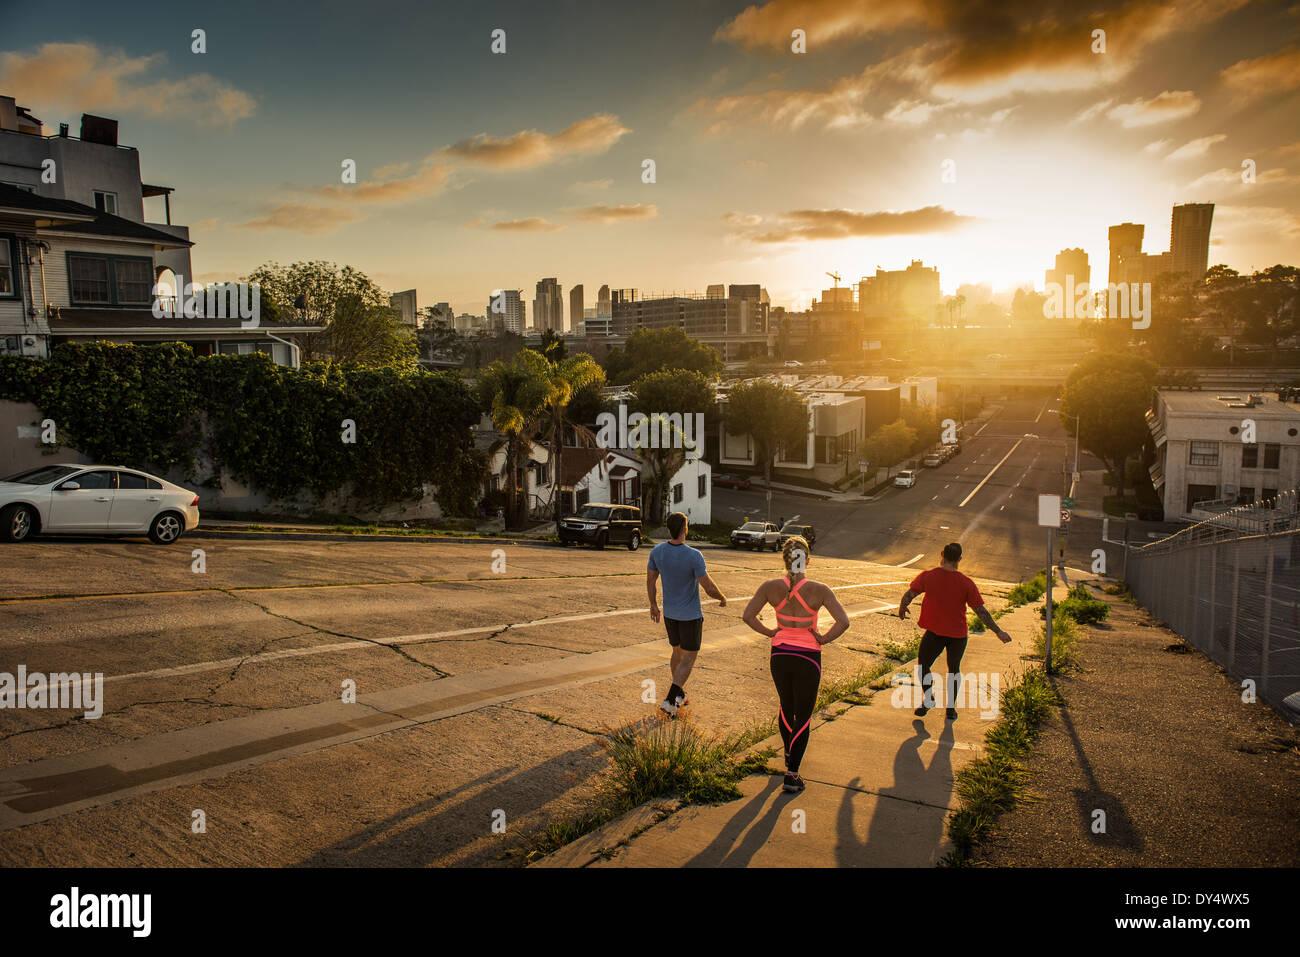 Team der Läufer einen steilen Stadt Hügel hinunter laufen Stockbild